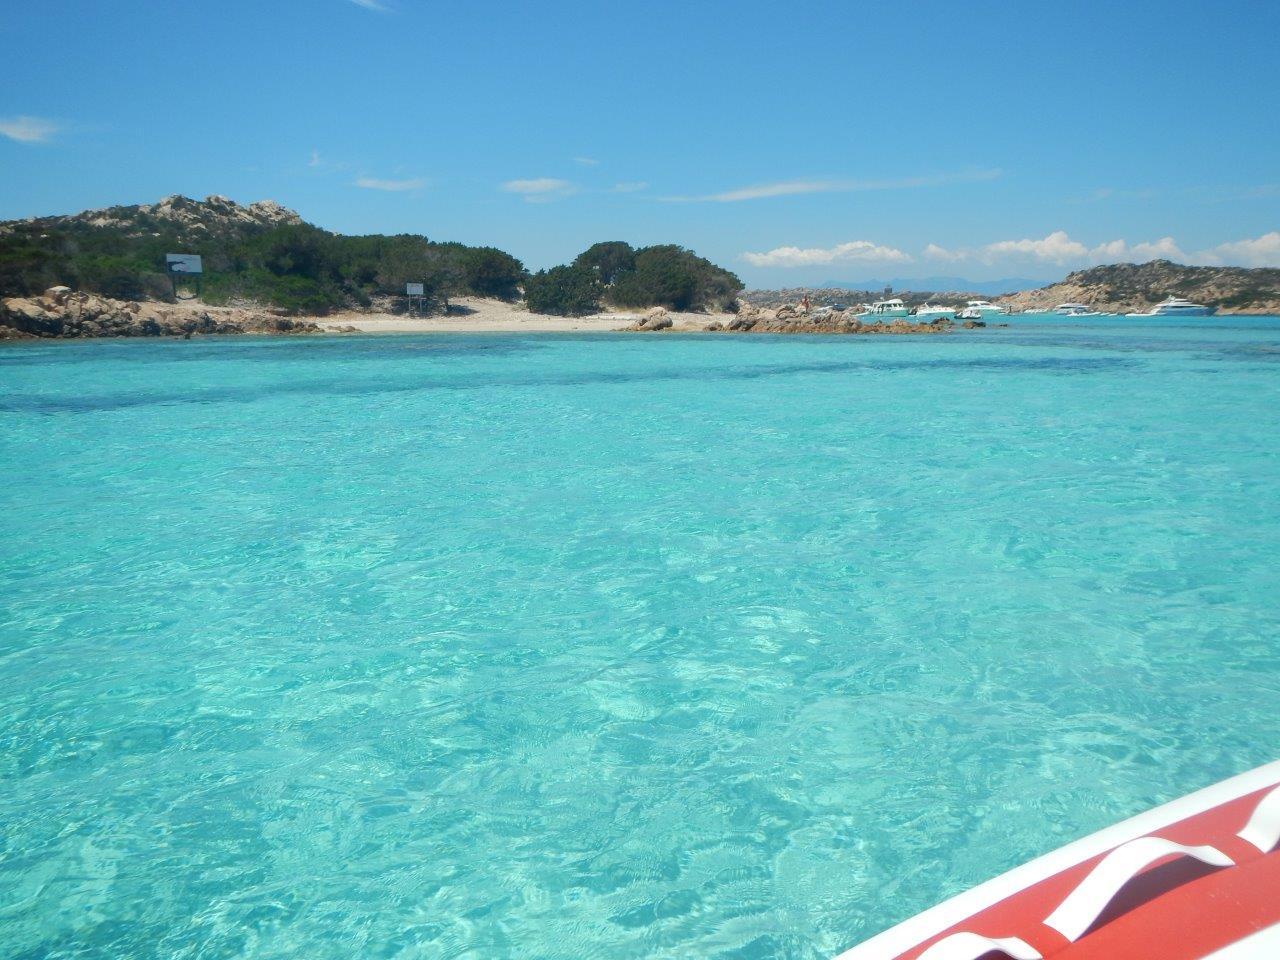 Ein Wasser in das man einfach reinspringen möchte. Mitsegeln Sardinien!